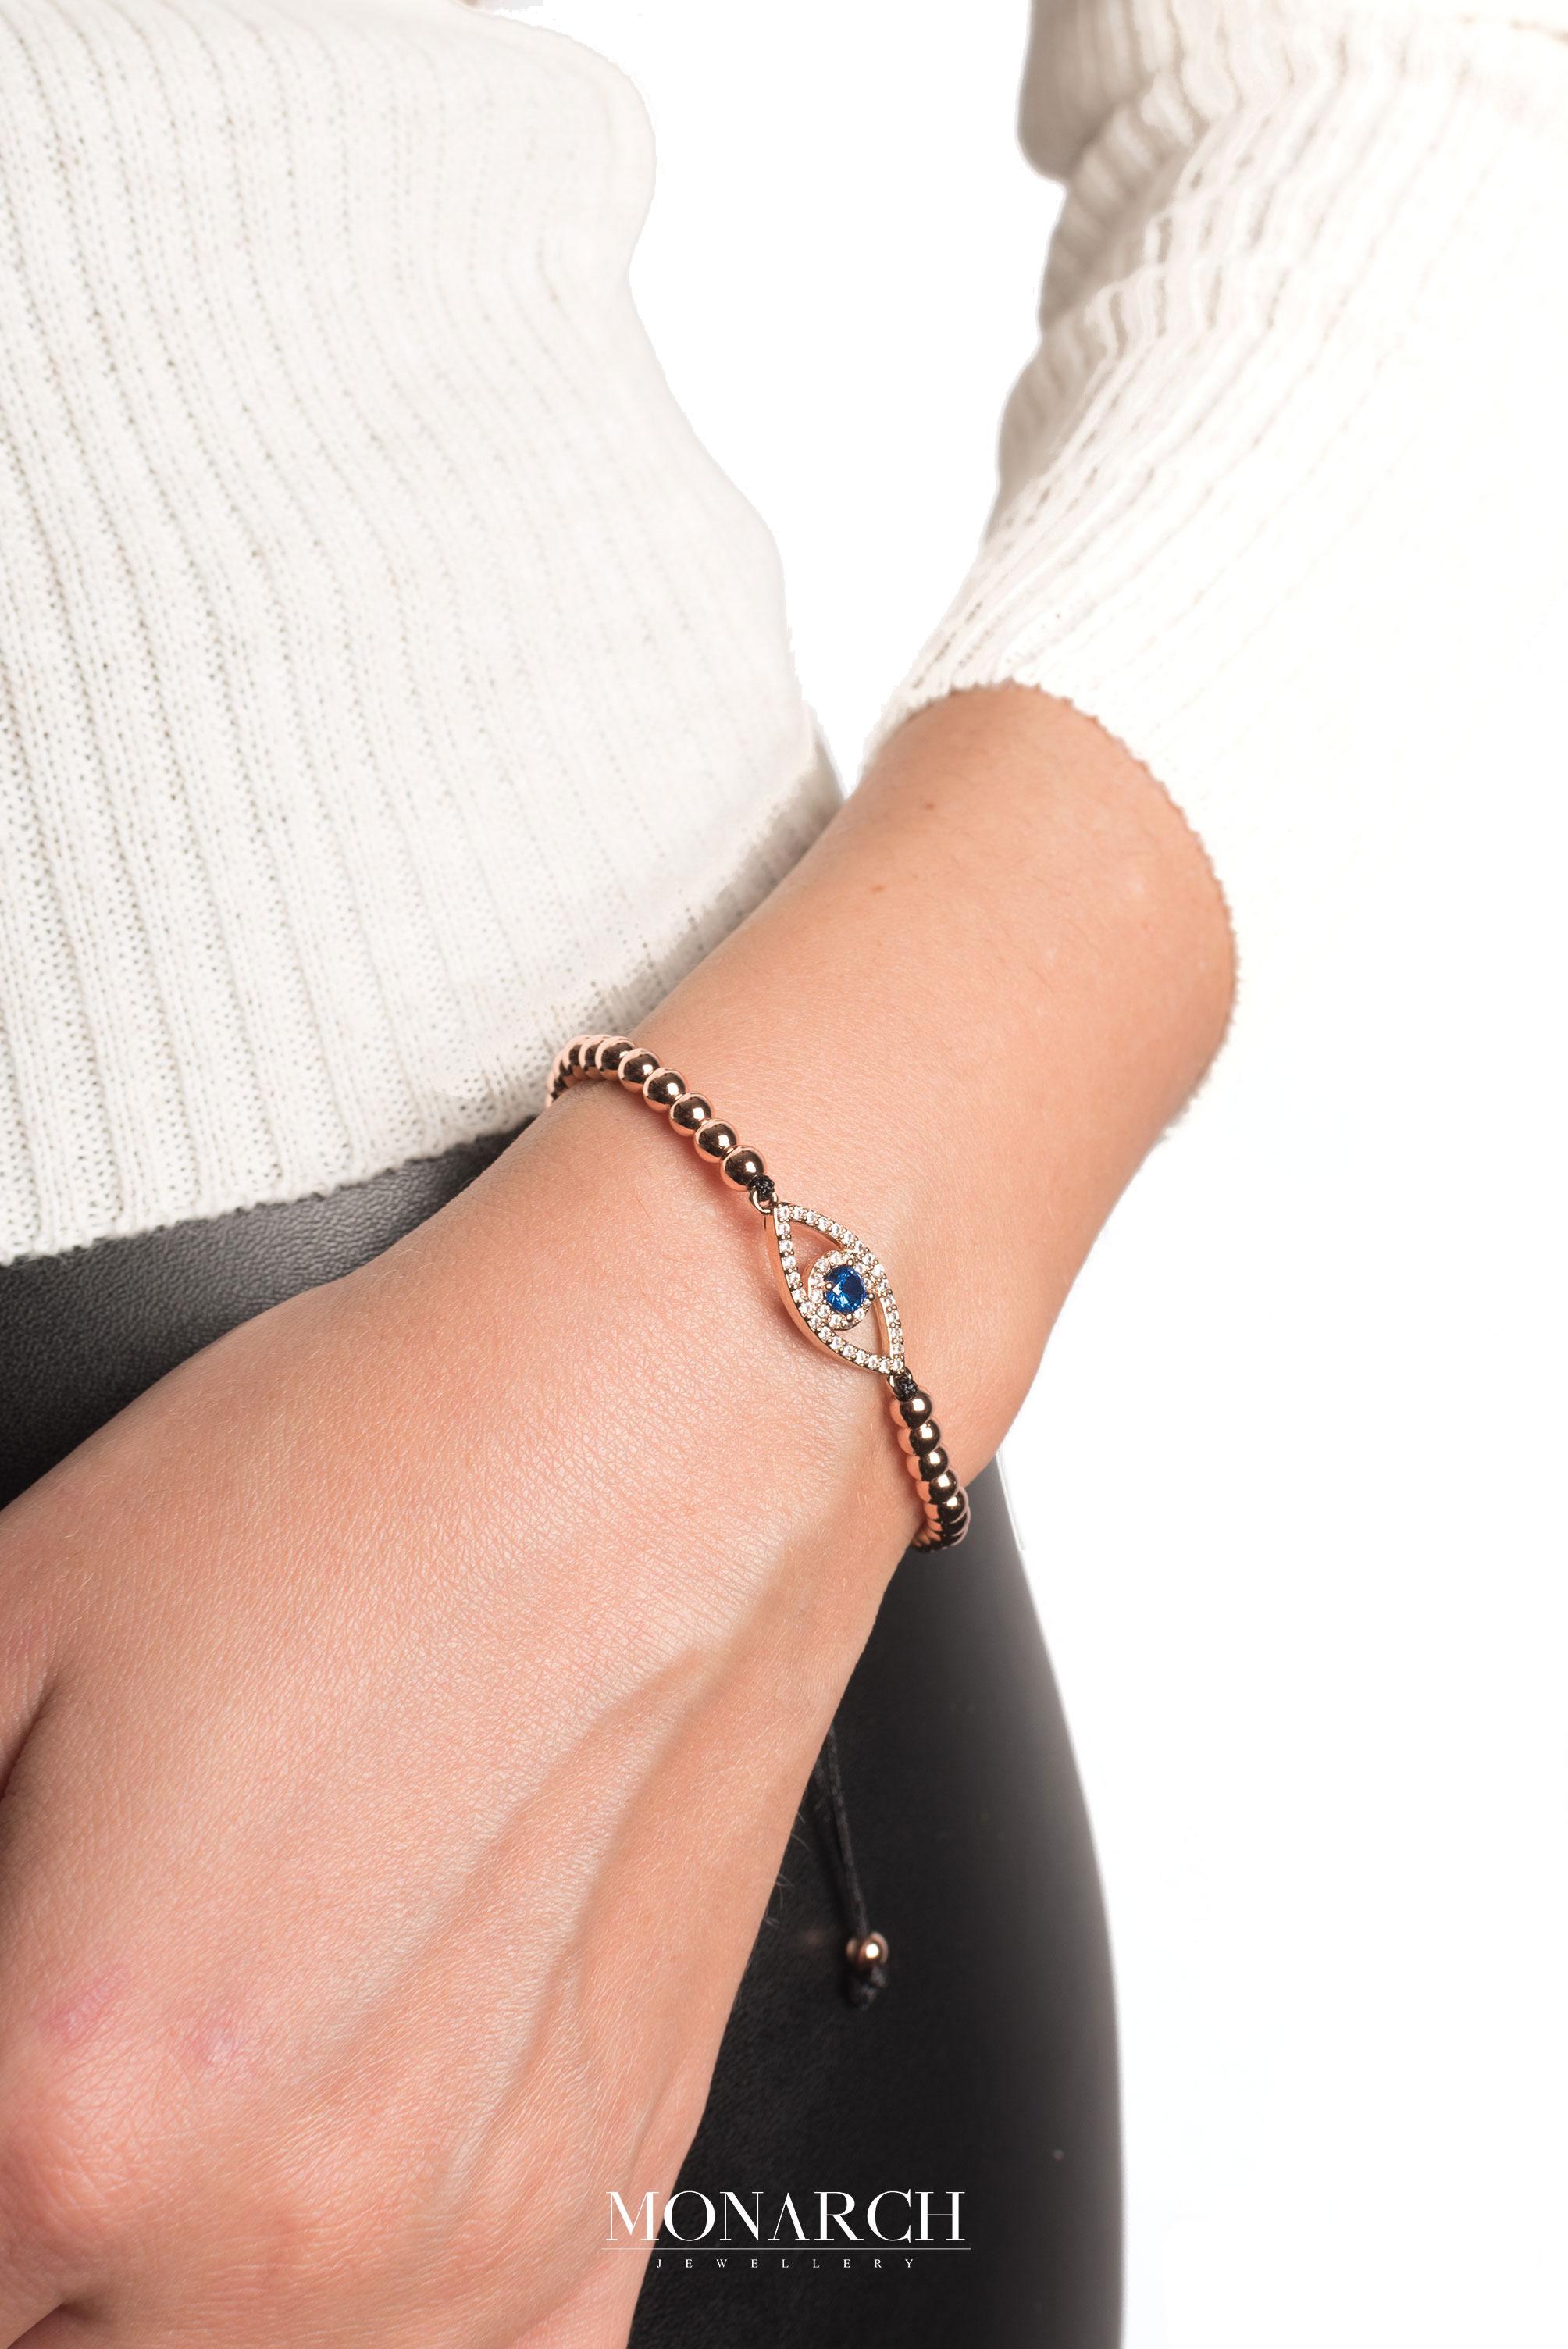 Monarch Jewellery Luxury Bracelet MA75GRFEY women